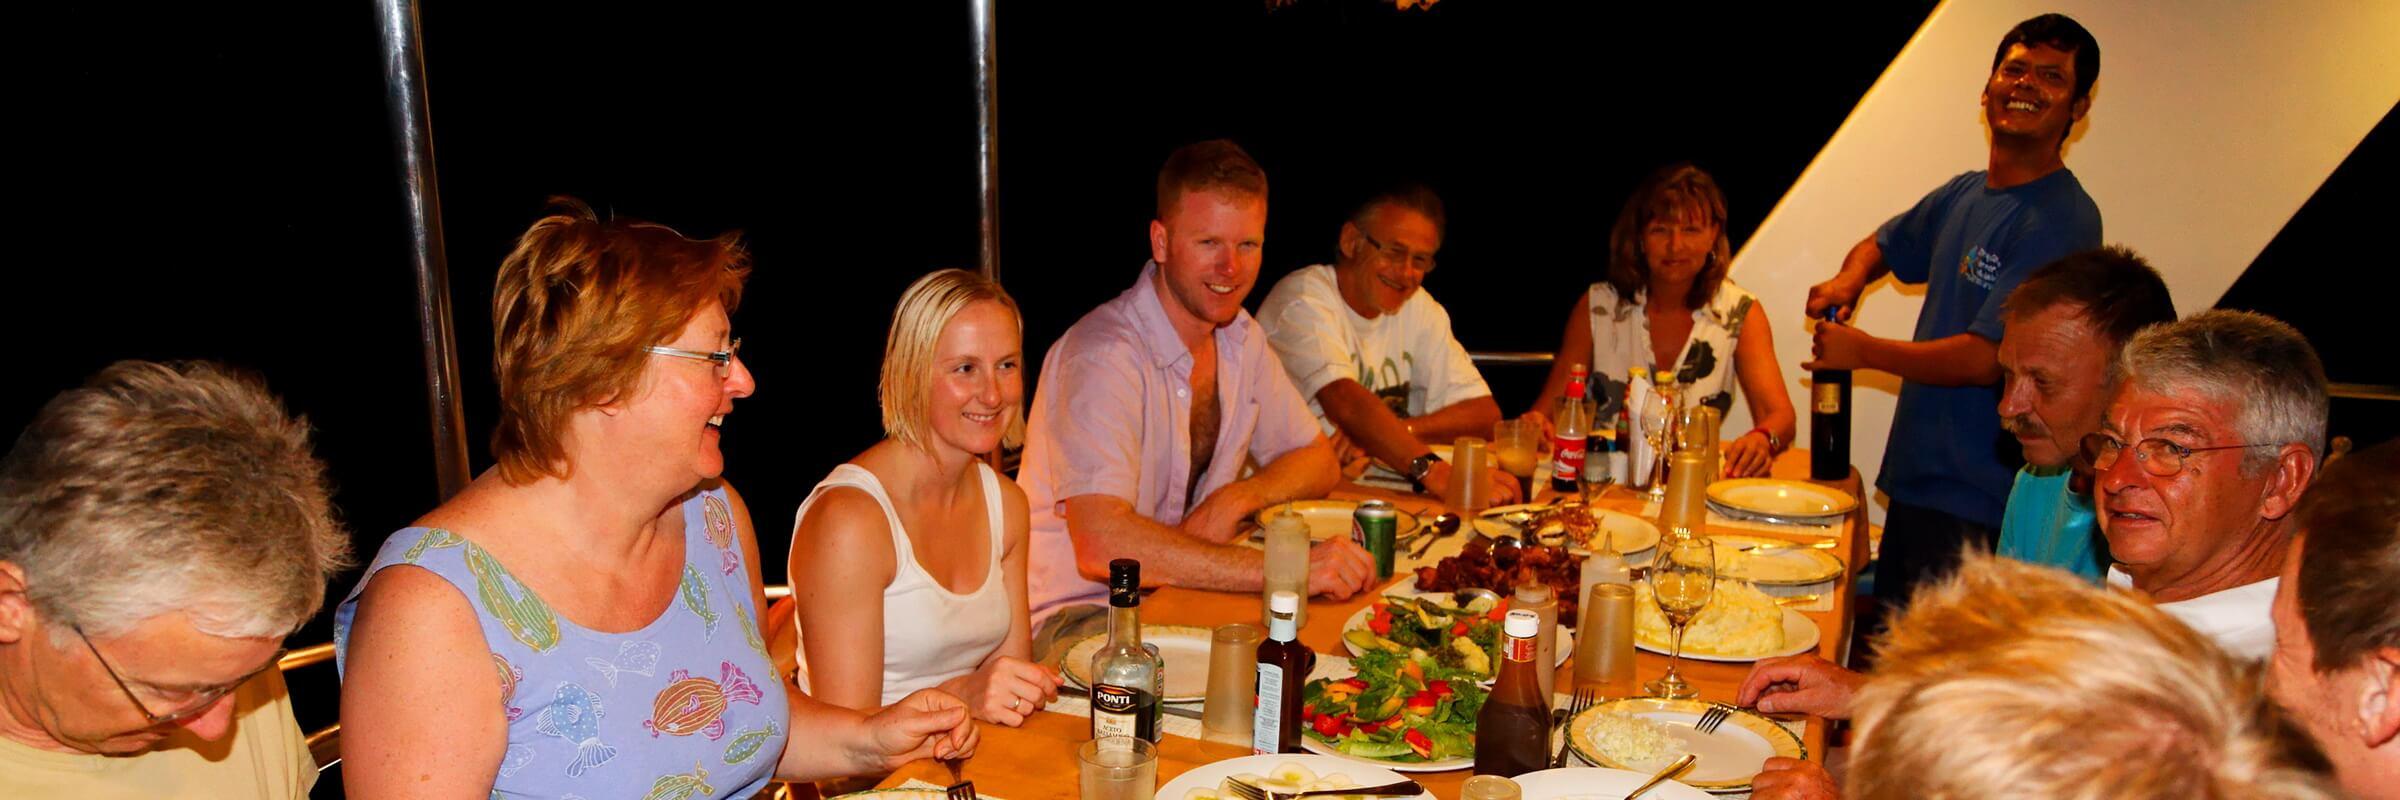 Die meisten Mahlzeiten auf der MY Sheena werden am großen Tisch im Heck des Schiffes serviert, darüber hinaus befinden sich noch 3 große Esstische im geräumigen Salon.